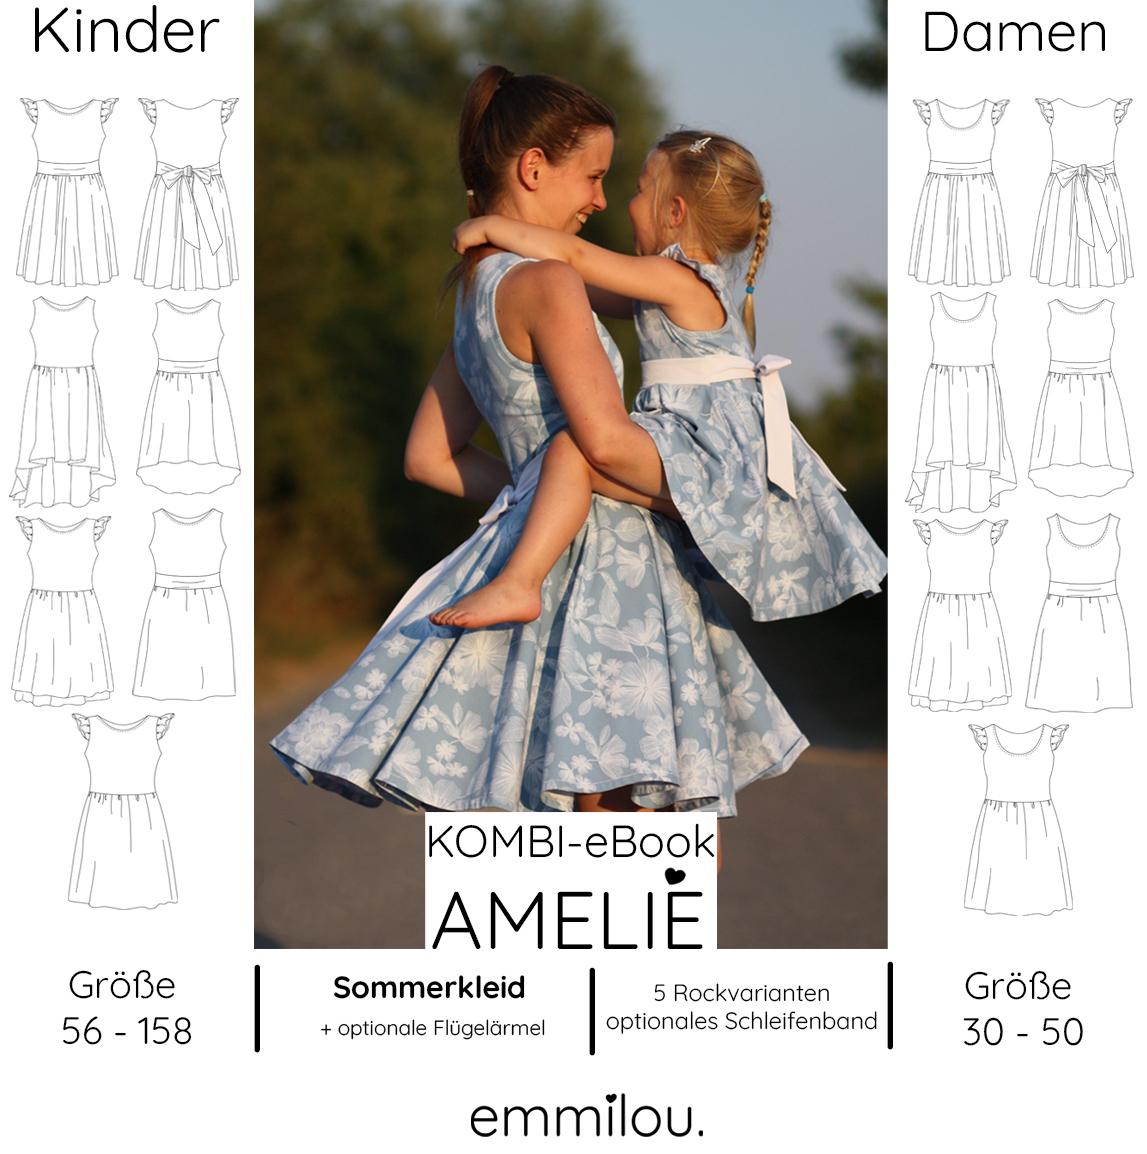 """emmilou. - kombi-ebook sommerkleid """"amelie"""" größe 56-158"""